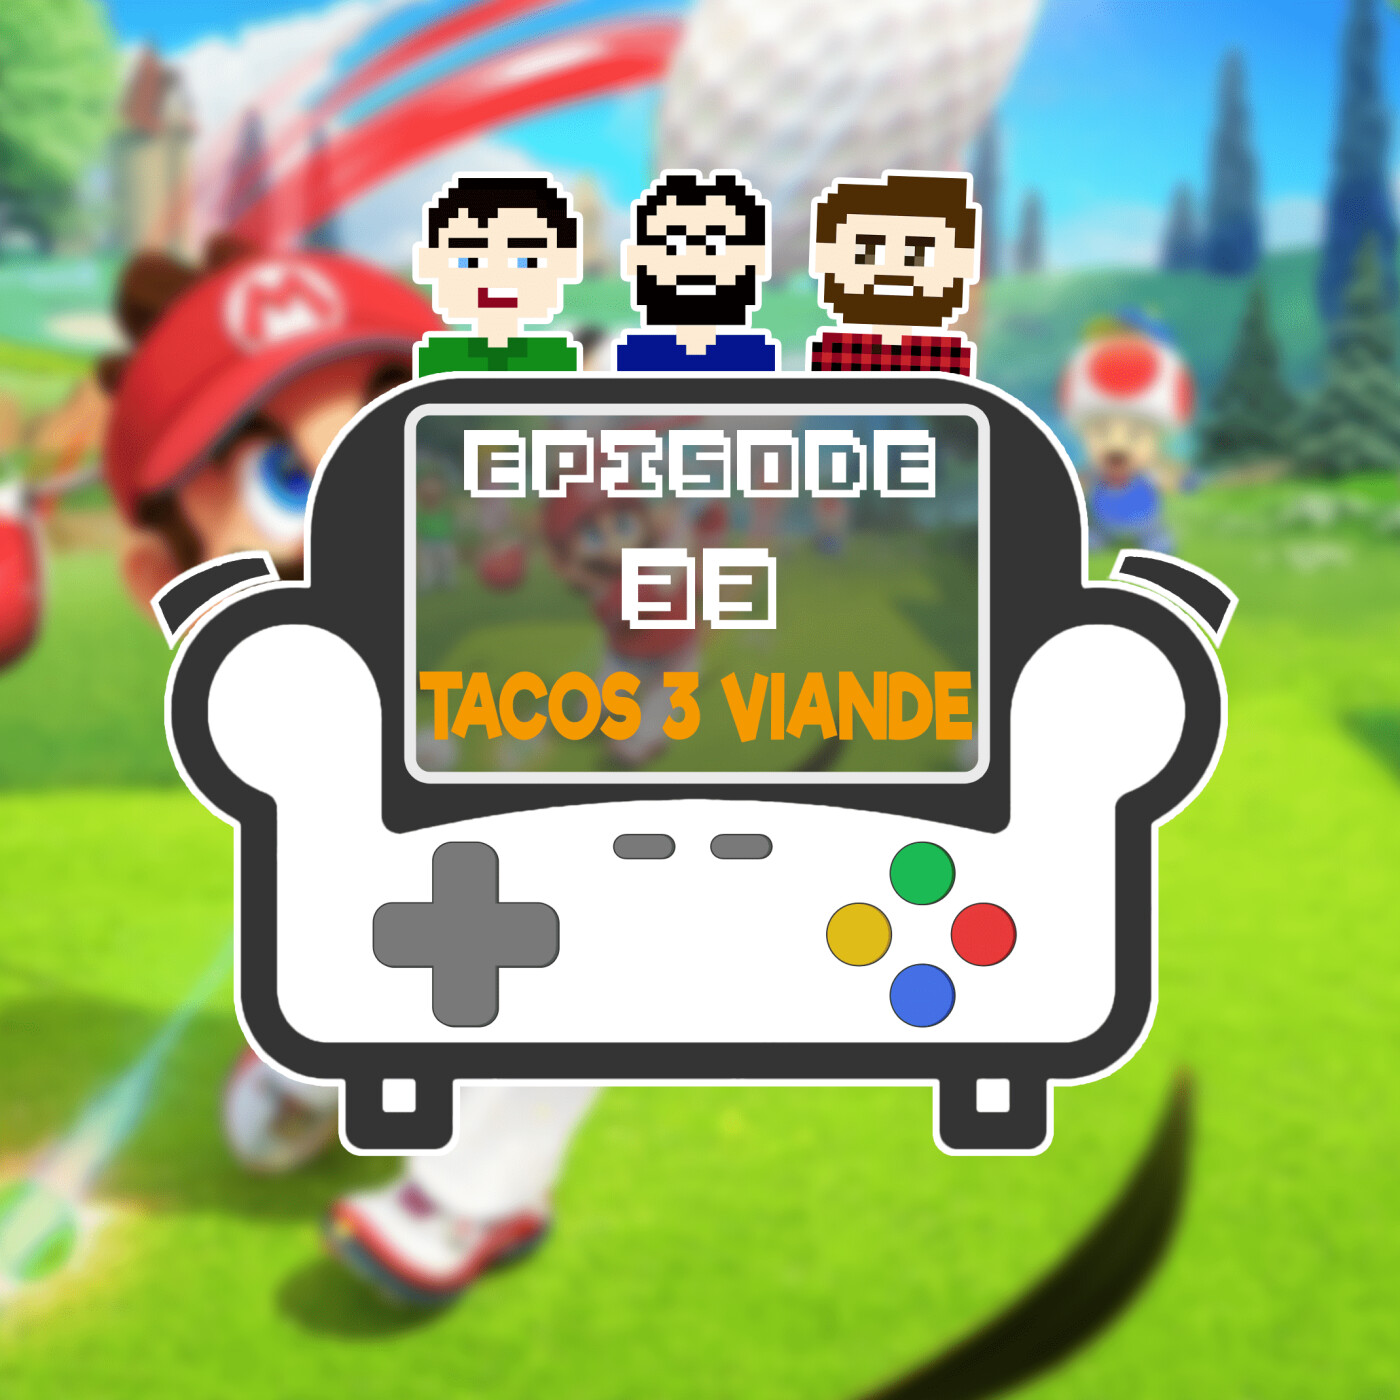 Episode 33 – Tacos 3 viande